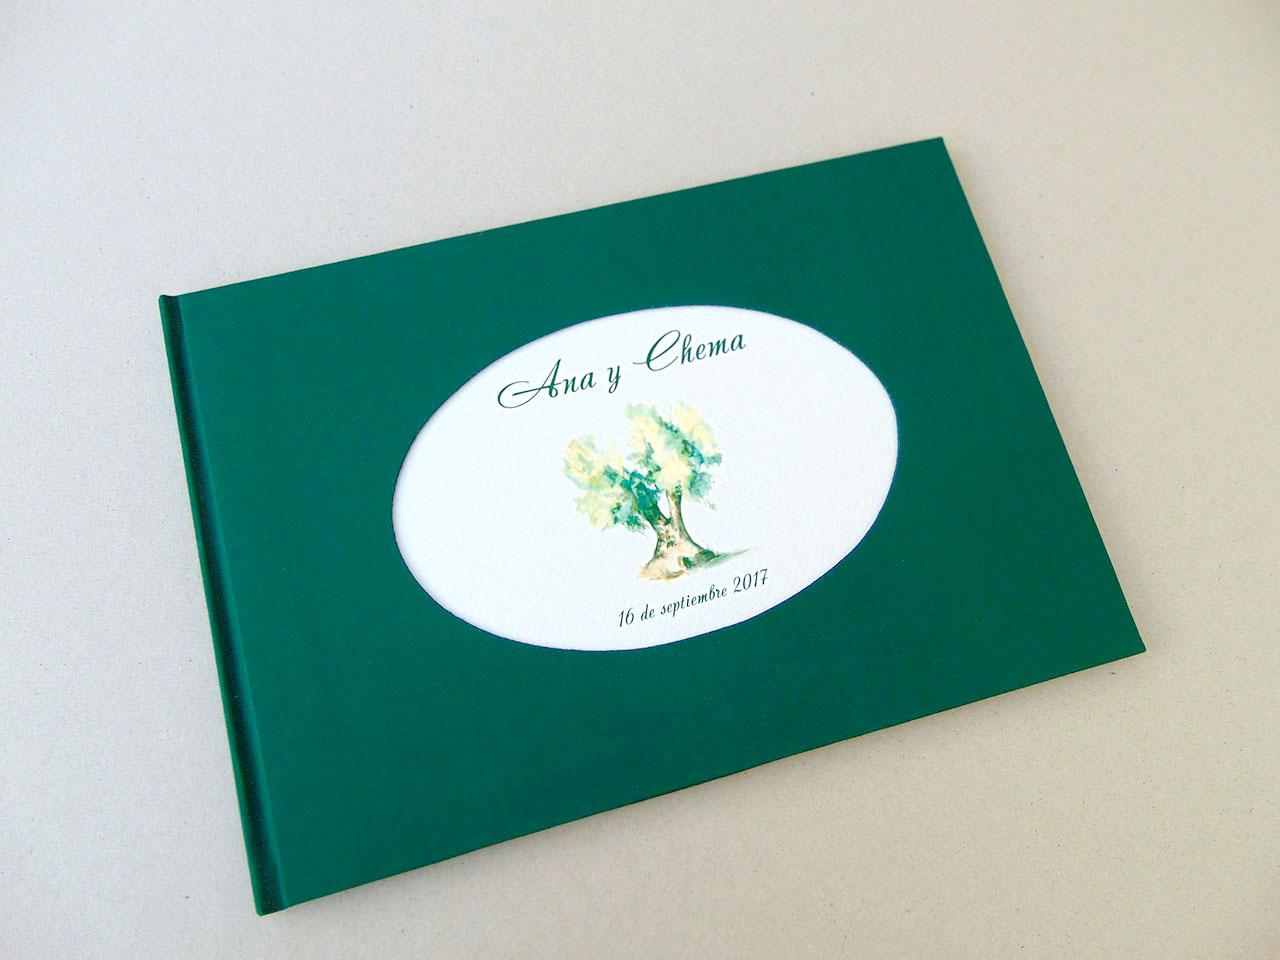 Libro de testigos con la invitación de la boda<br> en un óvalo en bajo relieve